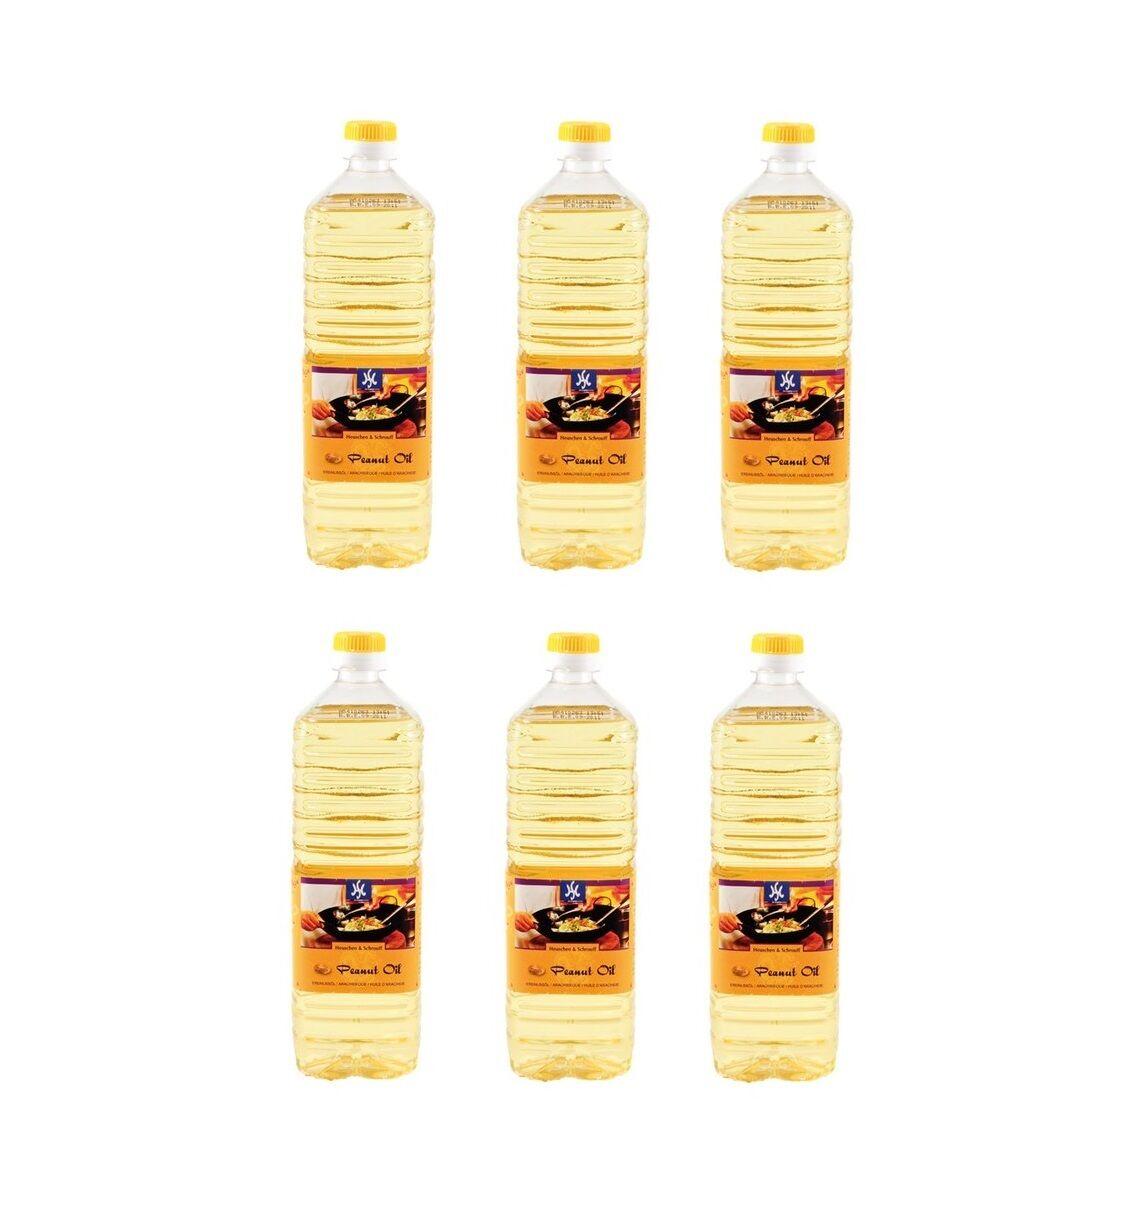 6er Pack: 6 x 1 Liter reines Erdnussöl Erdnußöl Peanut Oil Erdnuss Öl Holland